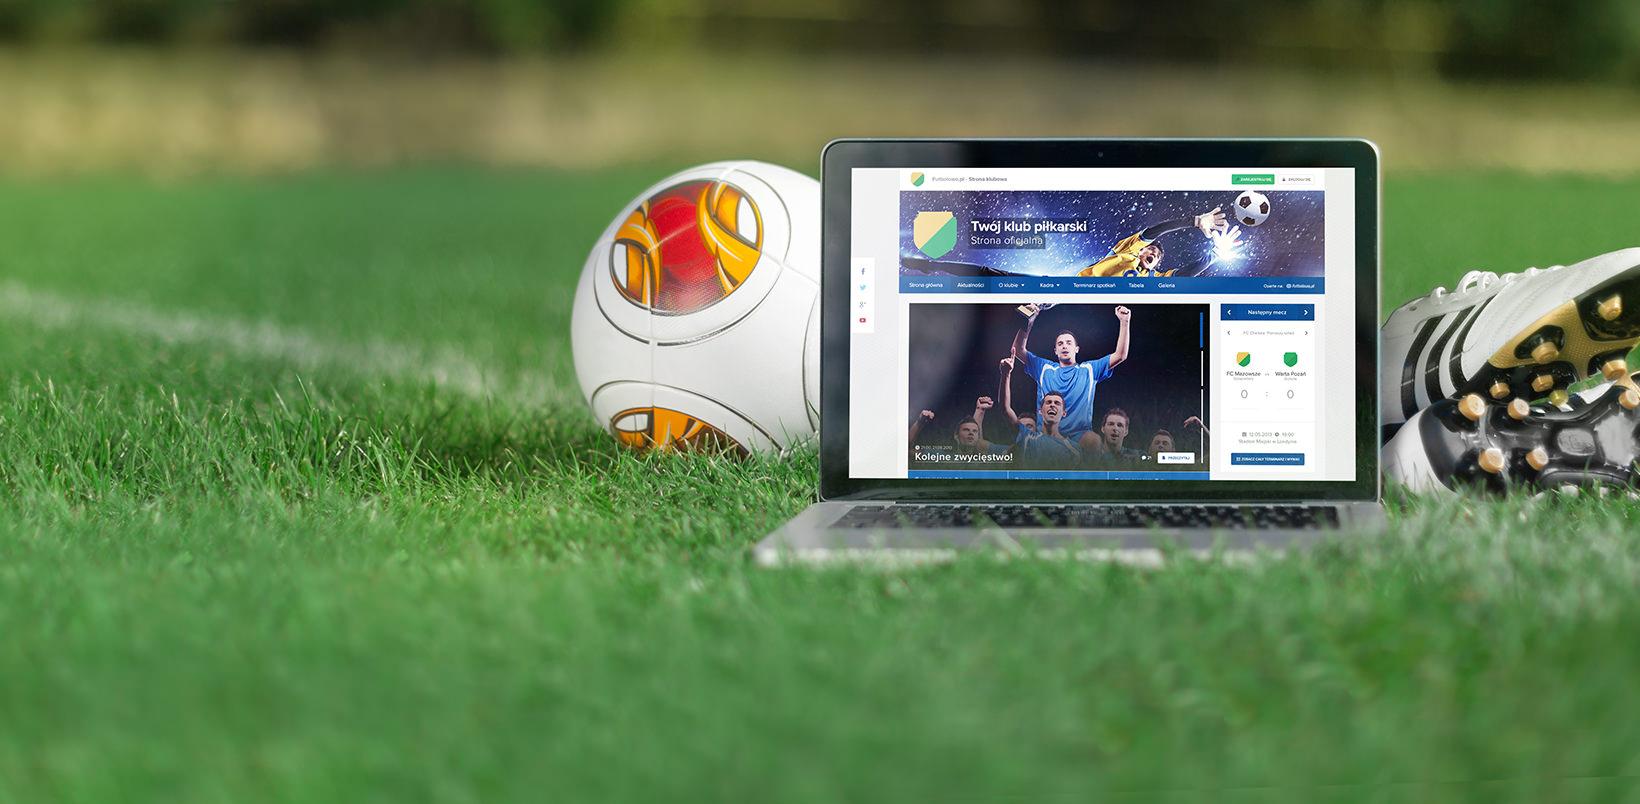 Kluby piłkarskie – Futbolowo.pl – załóż stronę klubu